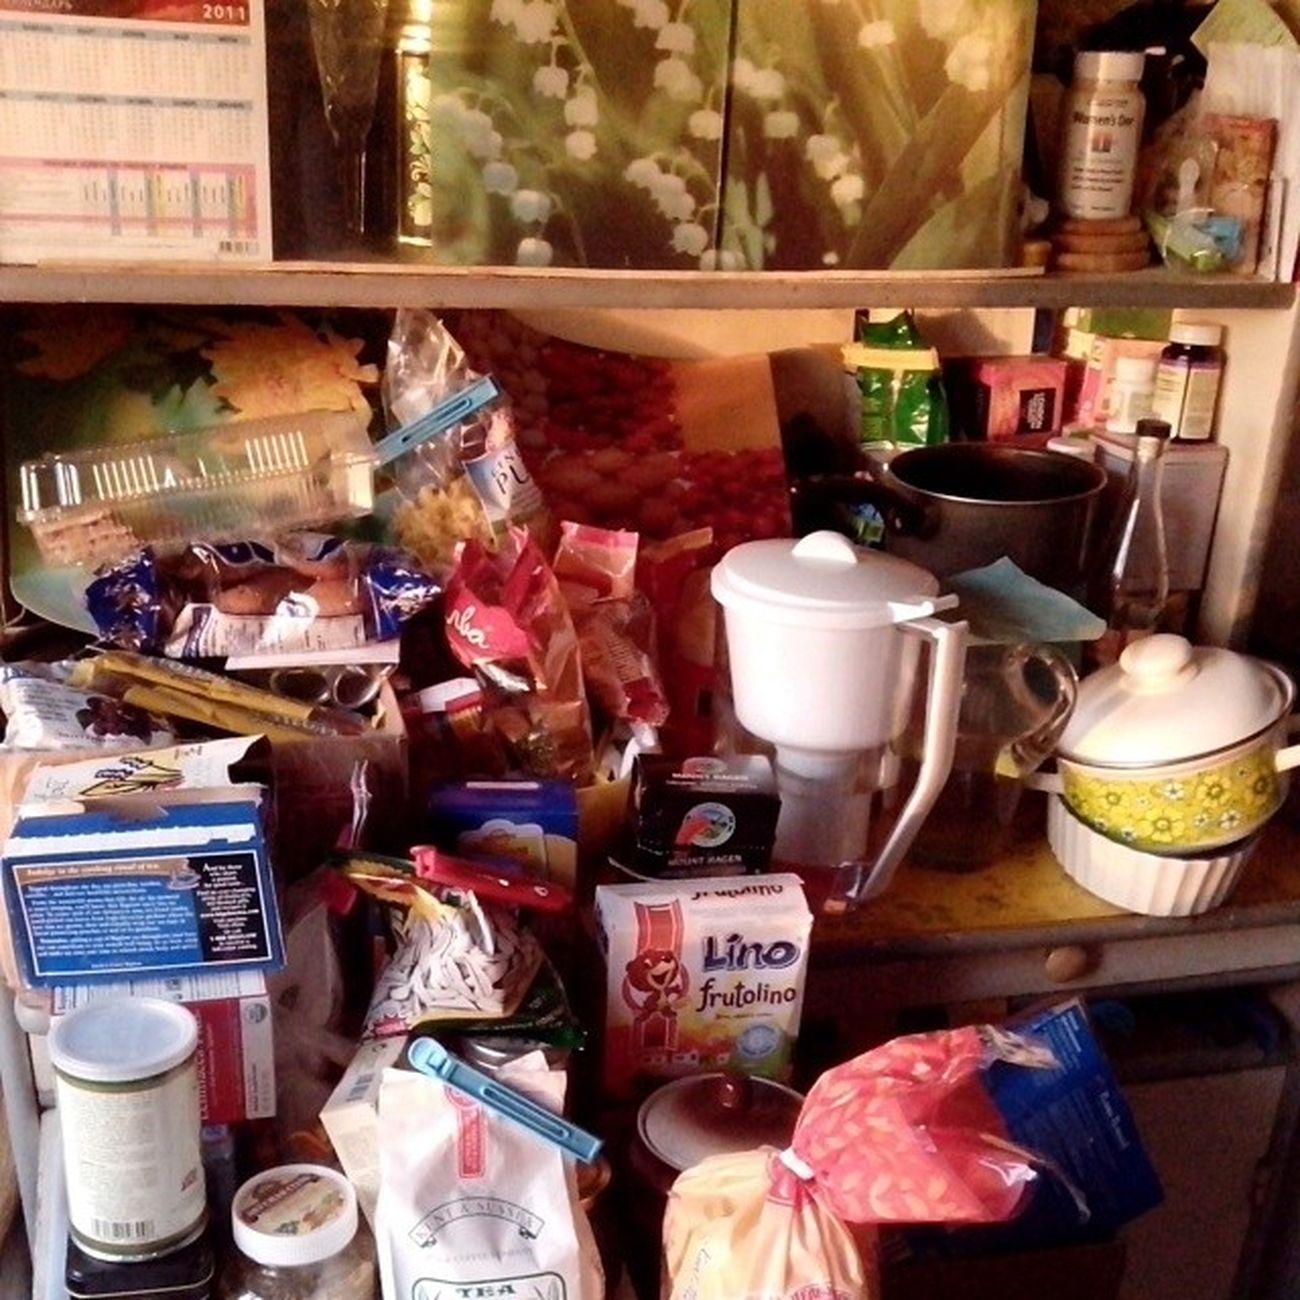 #хаос #бардак #кухня #2013 #kitchen Kitchen кухня 2013 хаос бардак